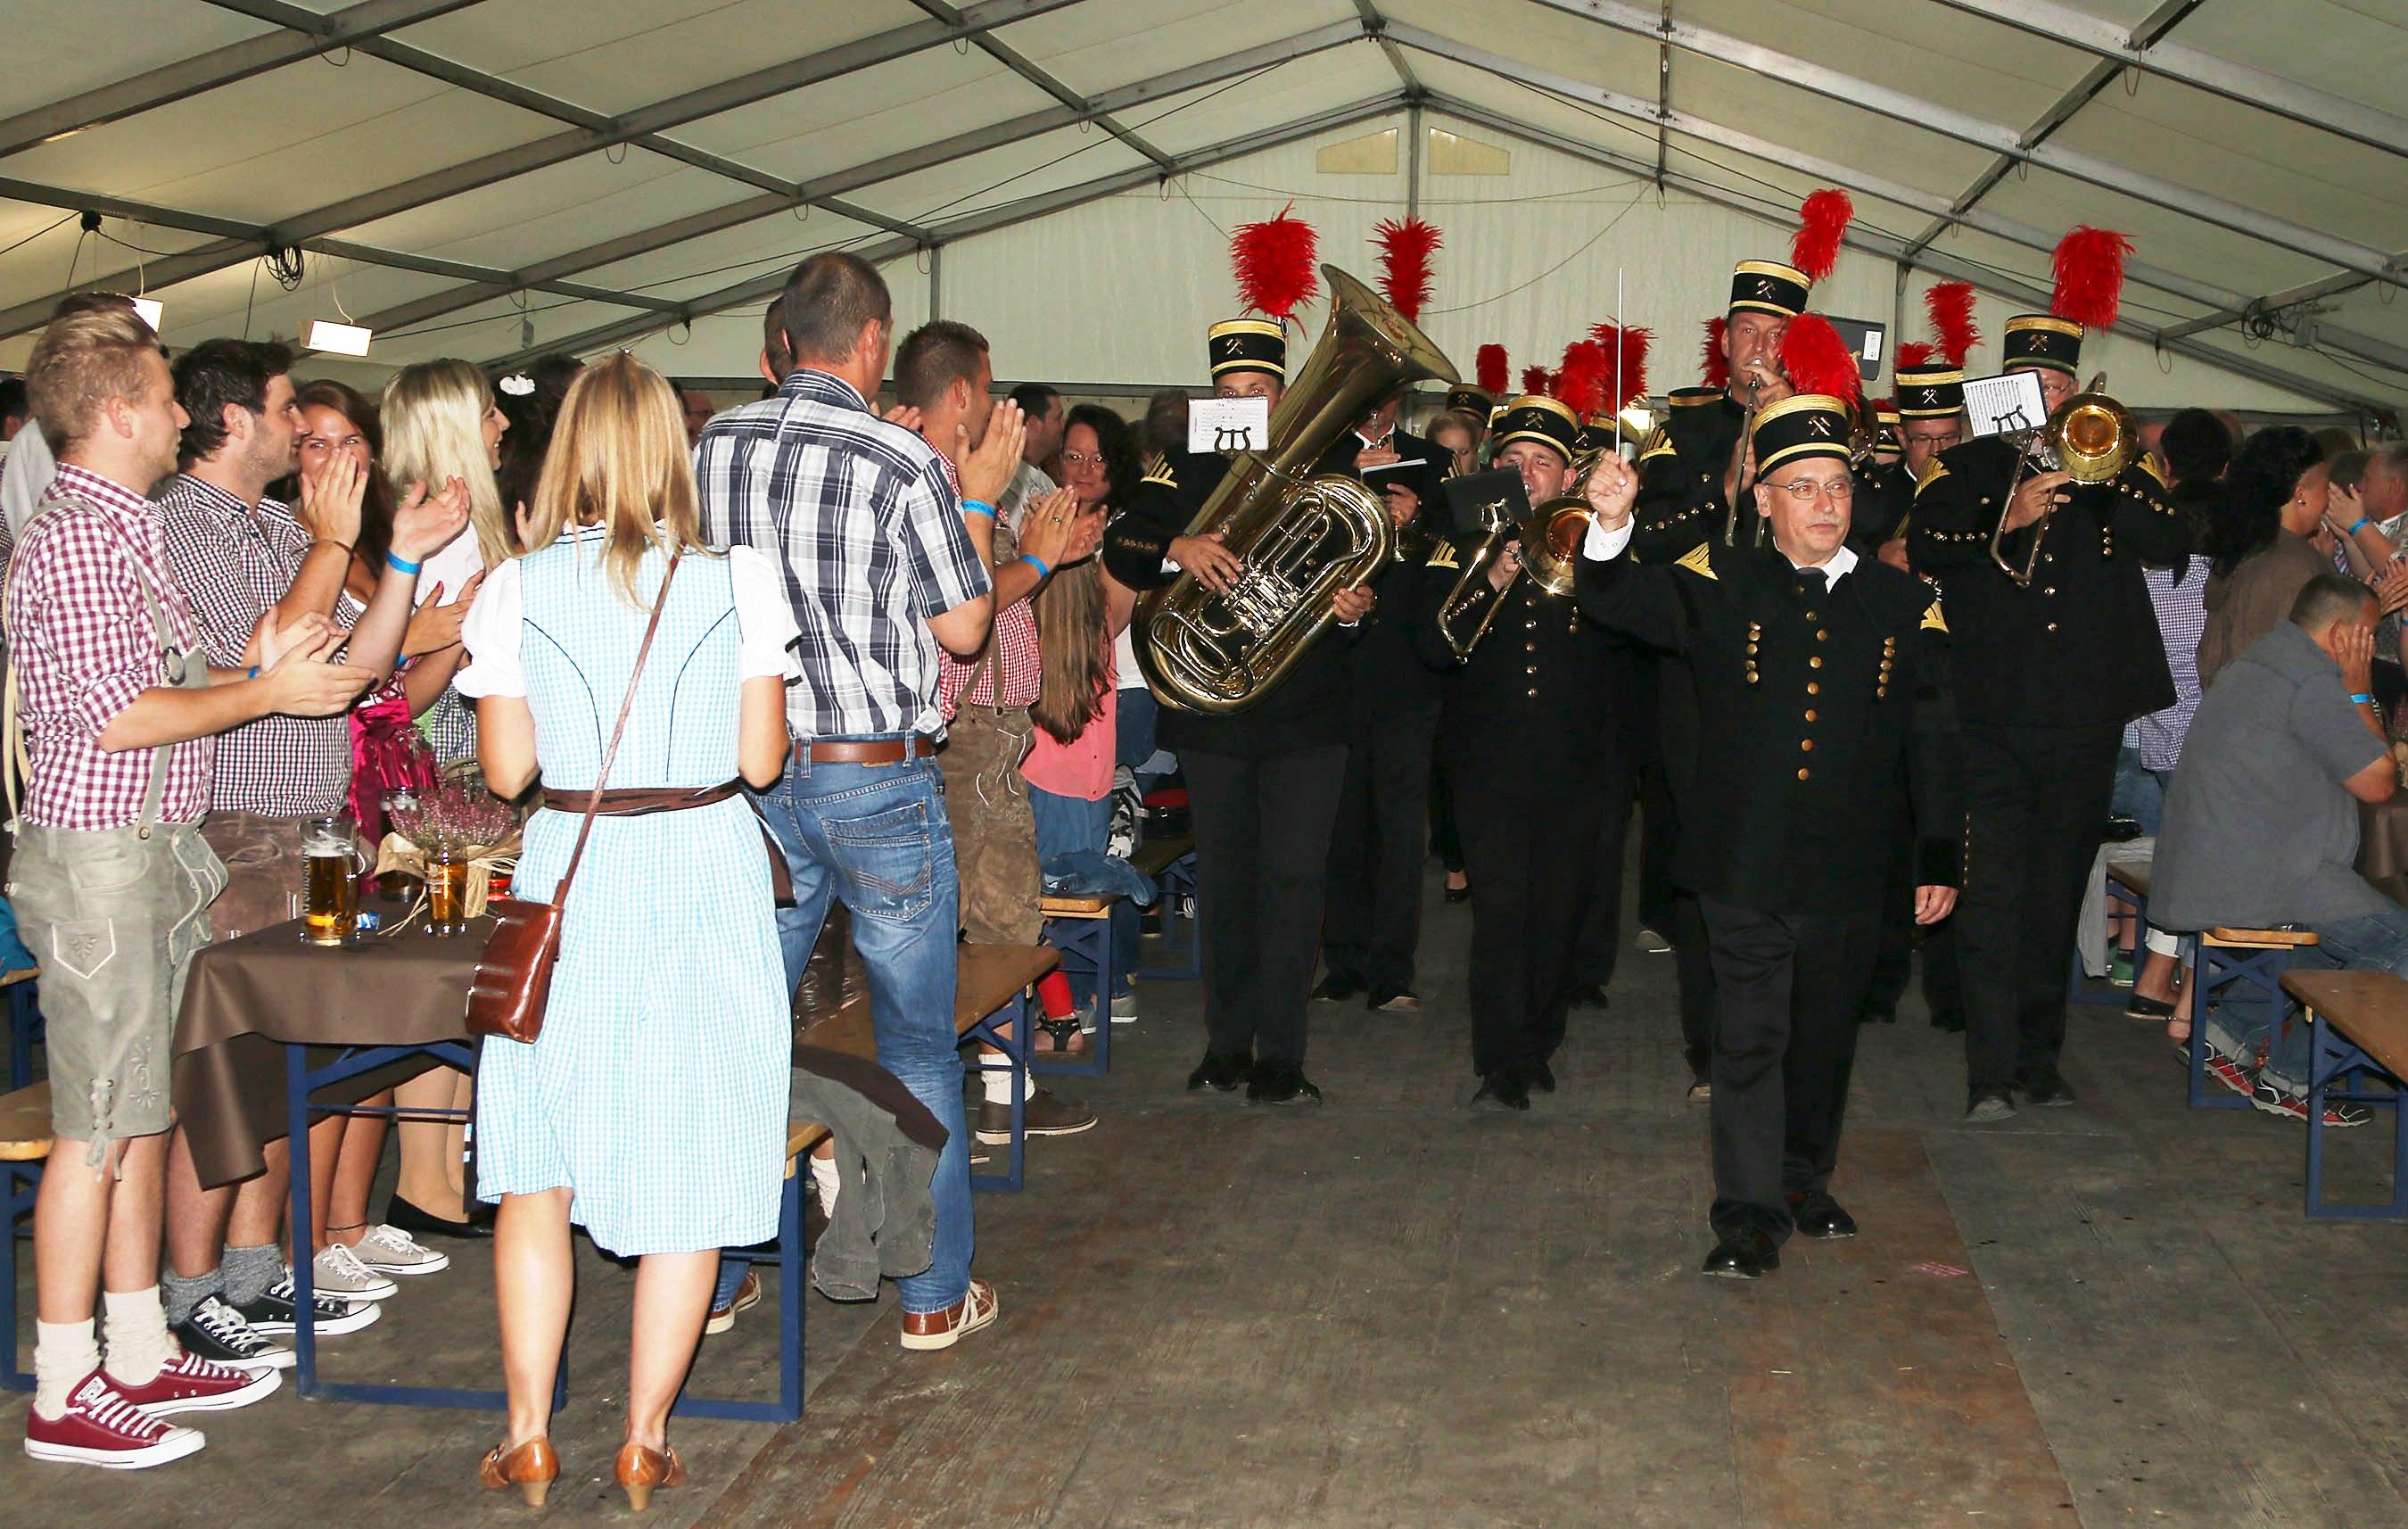 2016-9-9-westerwaldstadtl-friedewald-foto-rita-schlossereimattag1